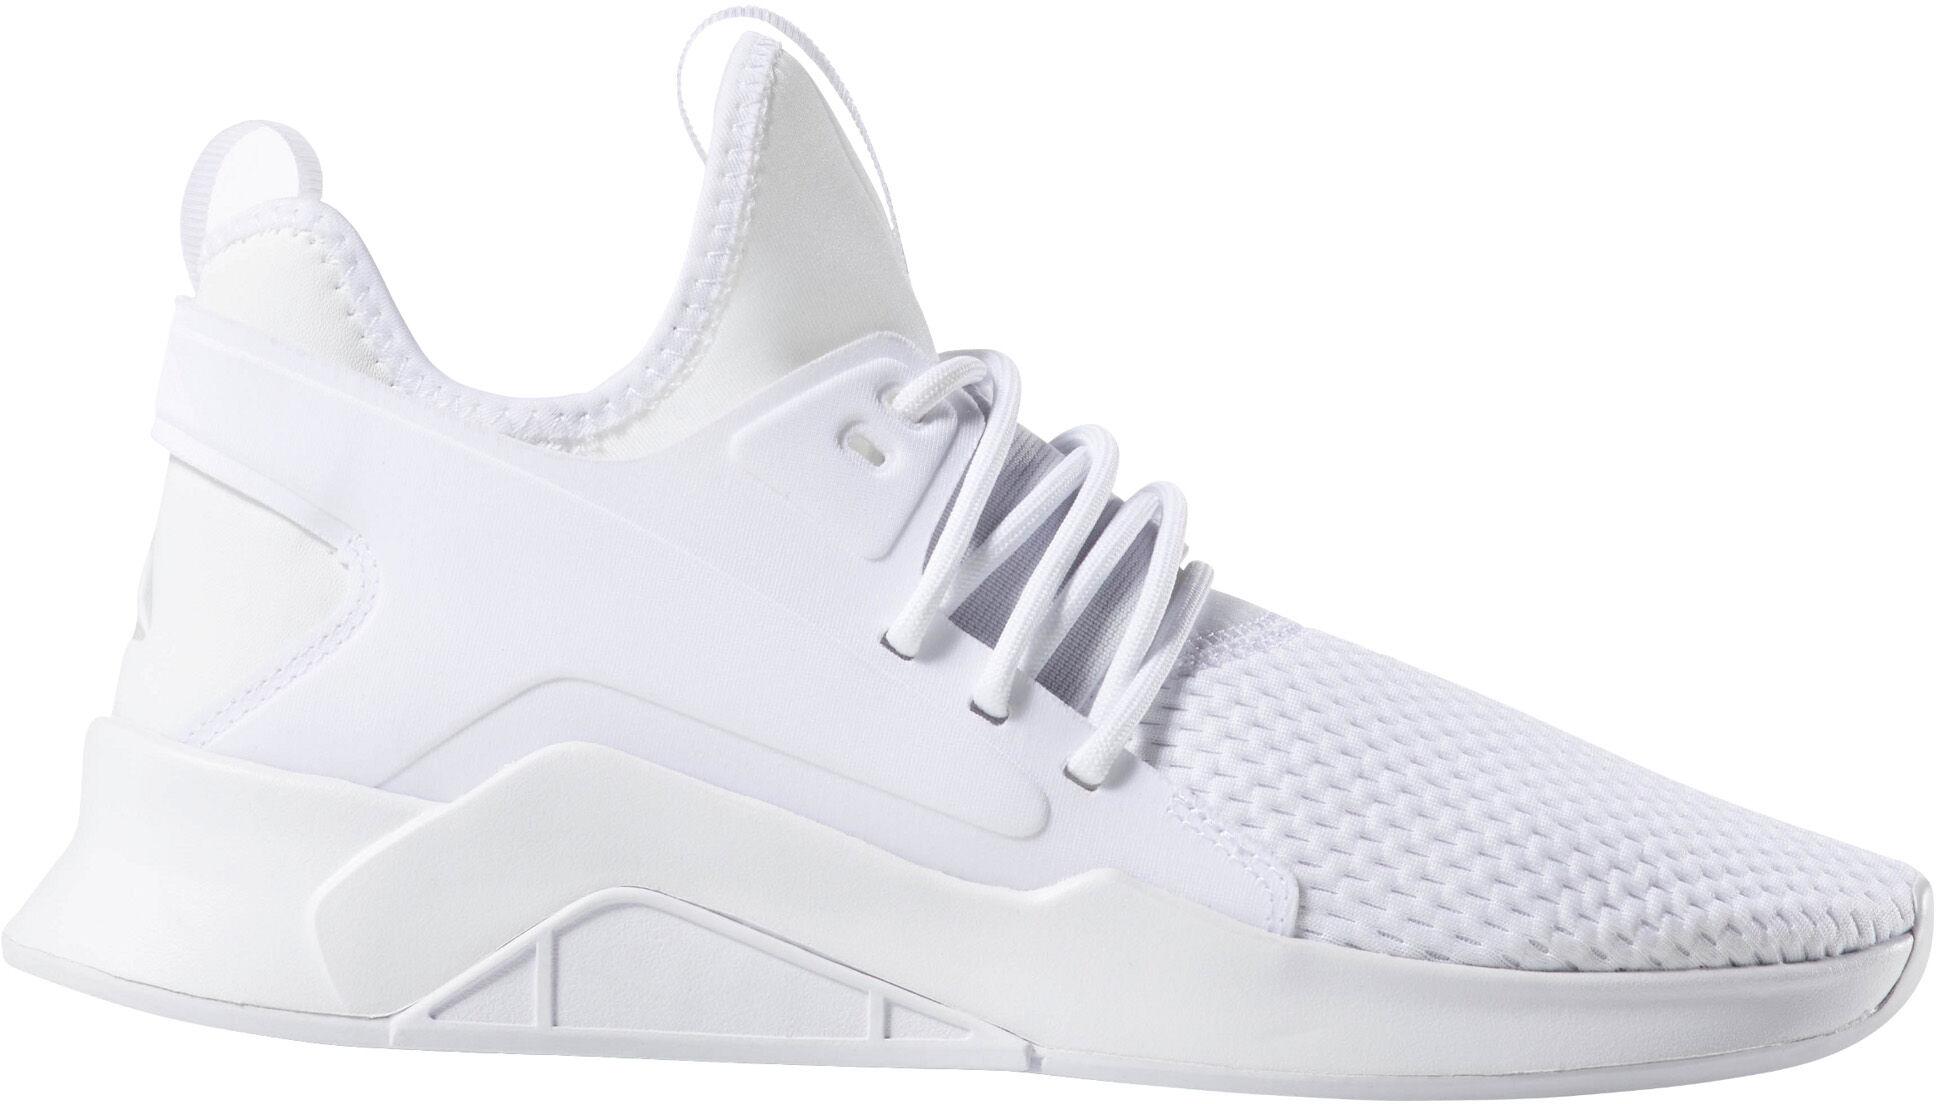 Fitness Schoenen voor Dames kopen? - Intersport